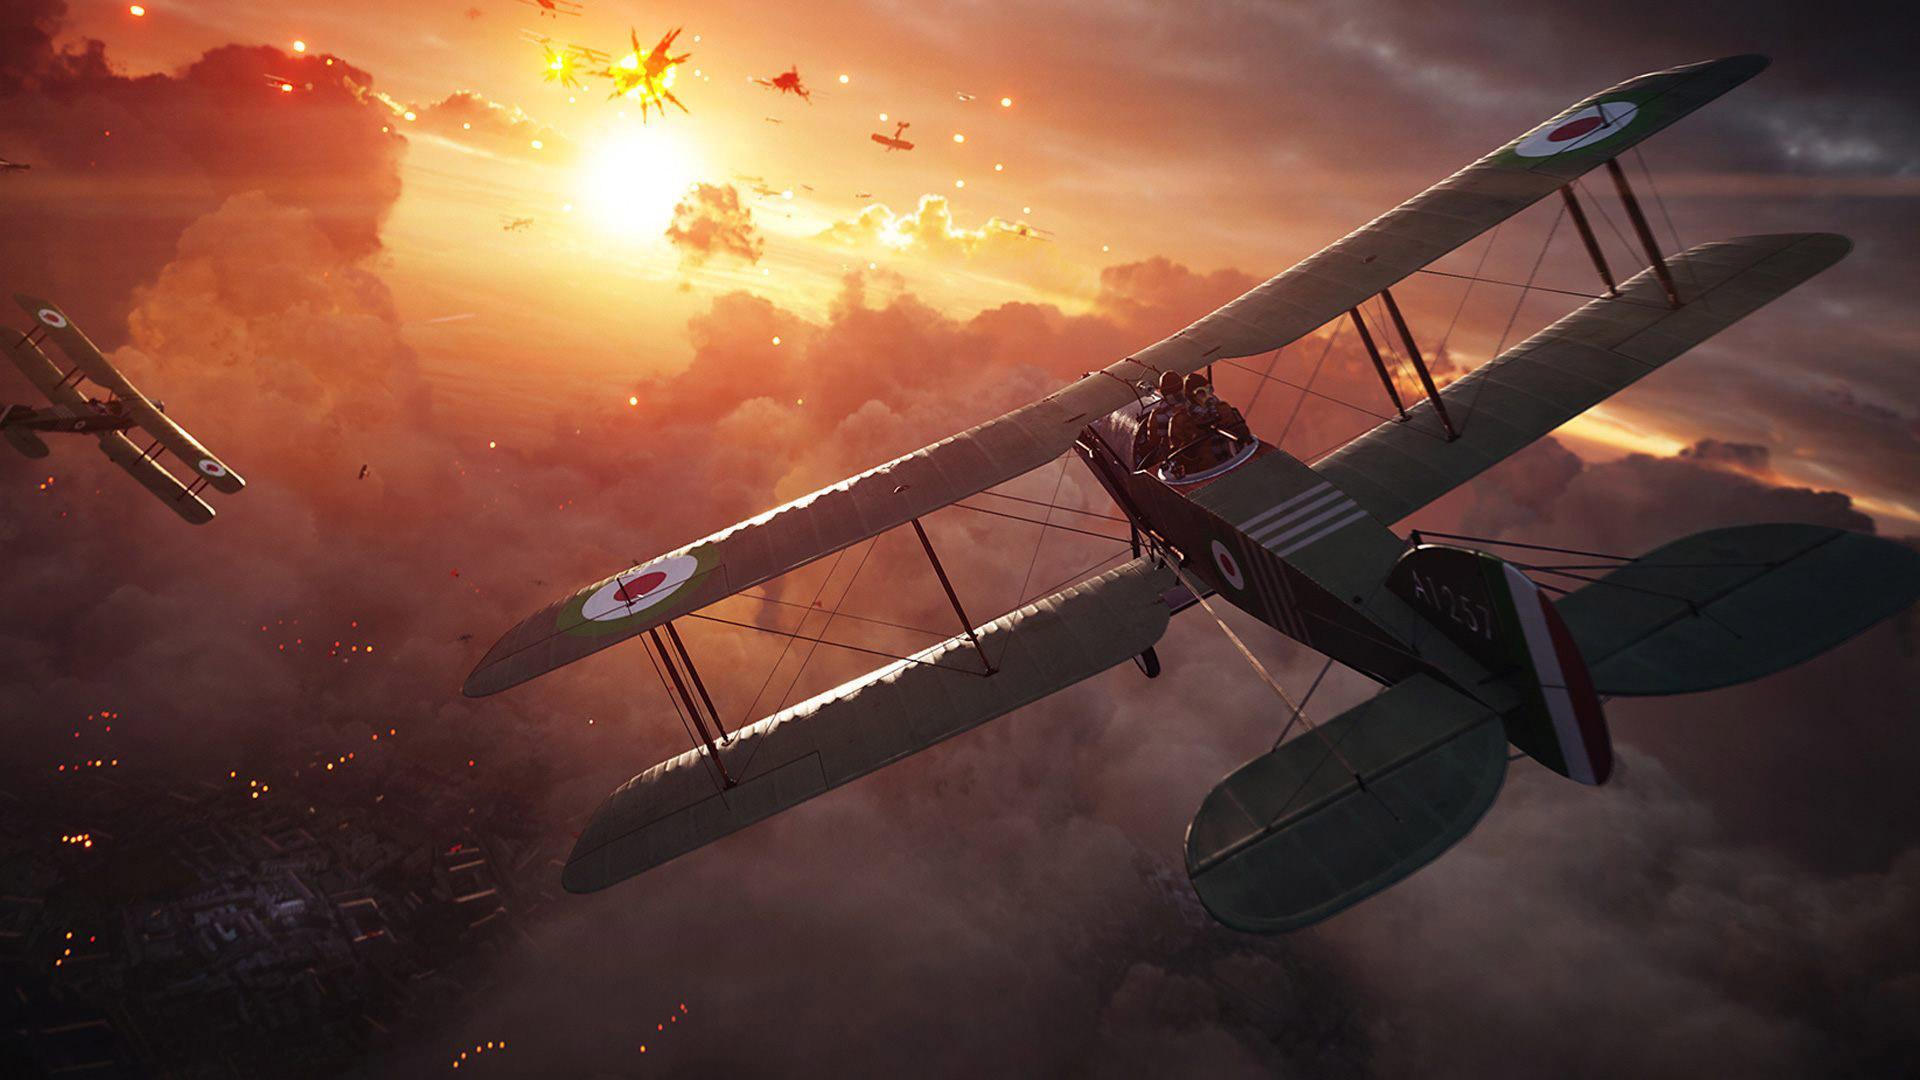 Free Battlefield 1 Wallpaper in 1920x1080